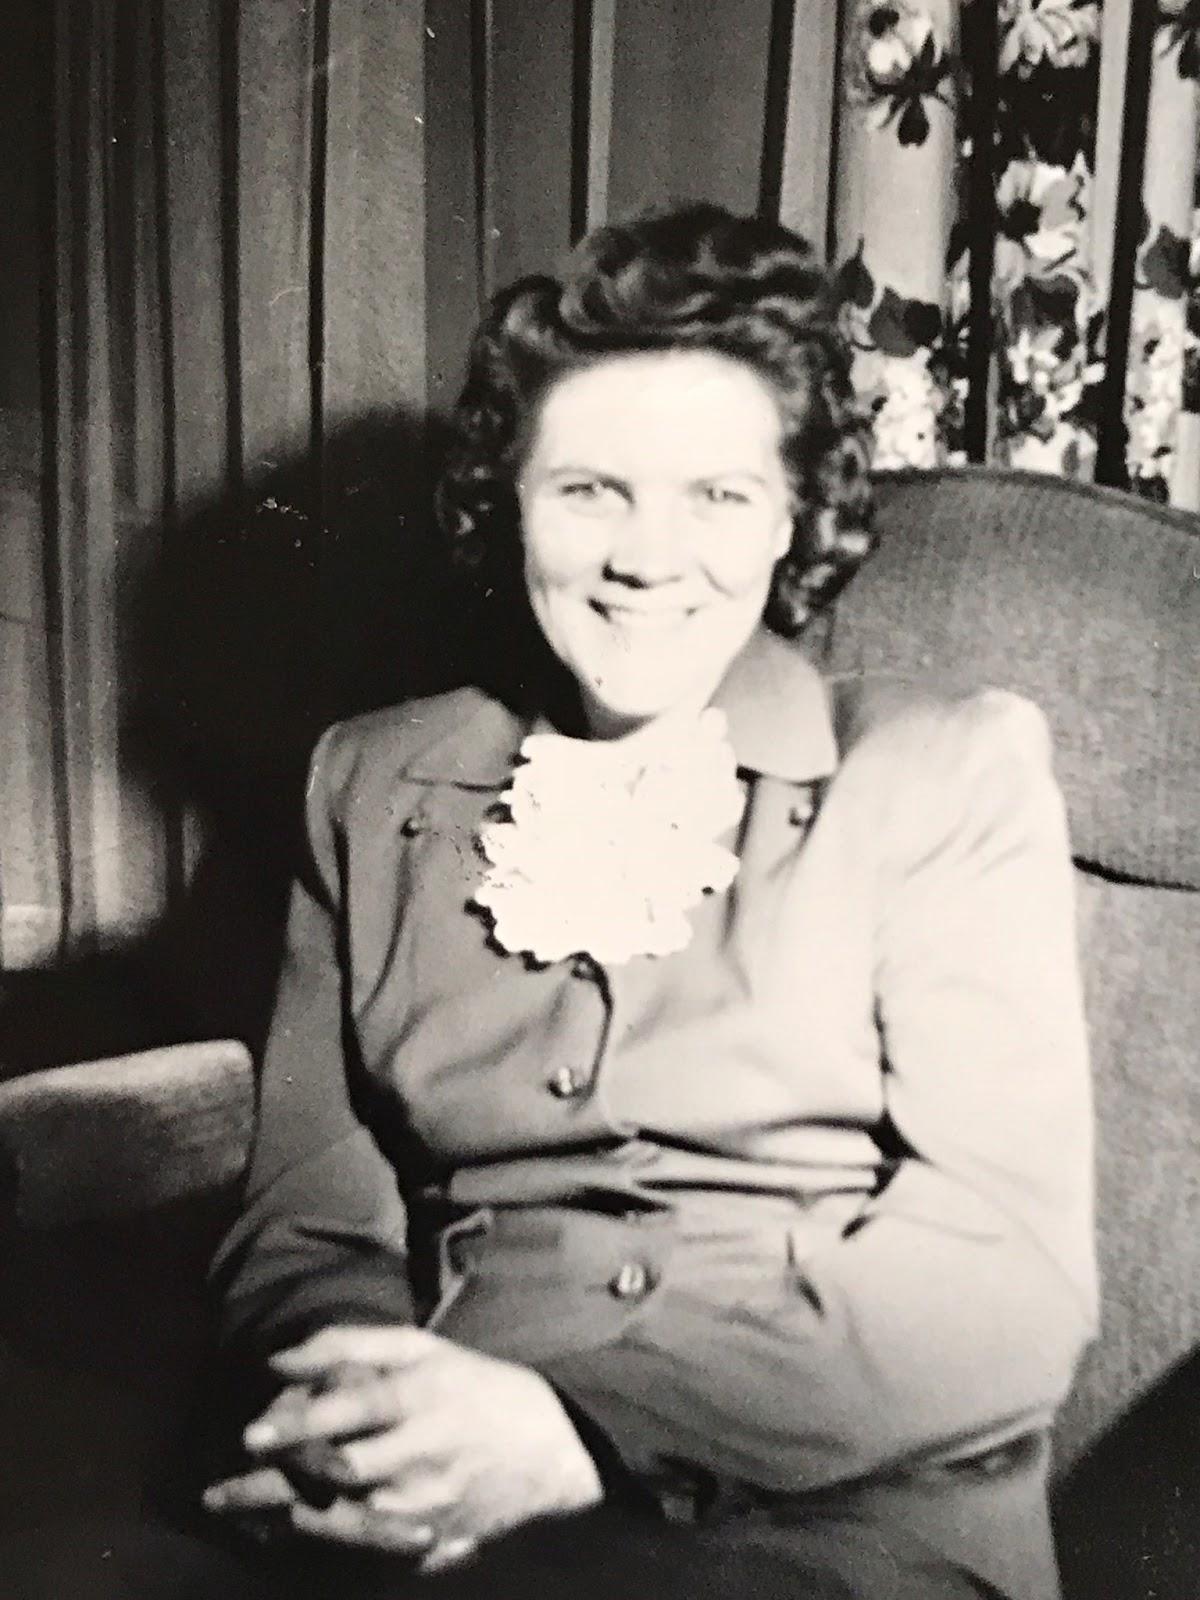 picture Millicent Martin (born 1934)